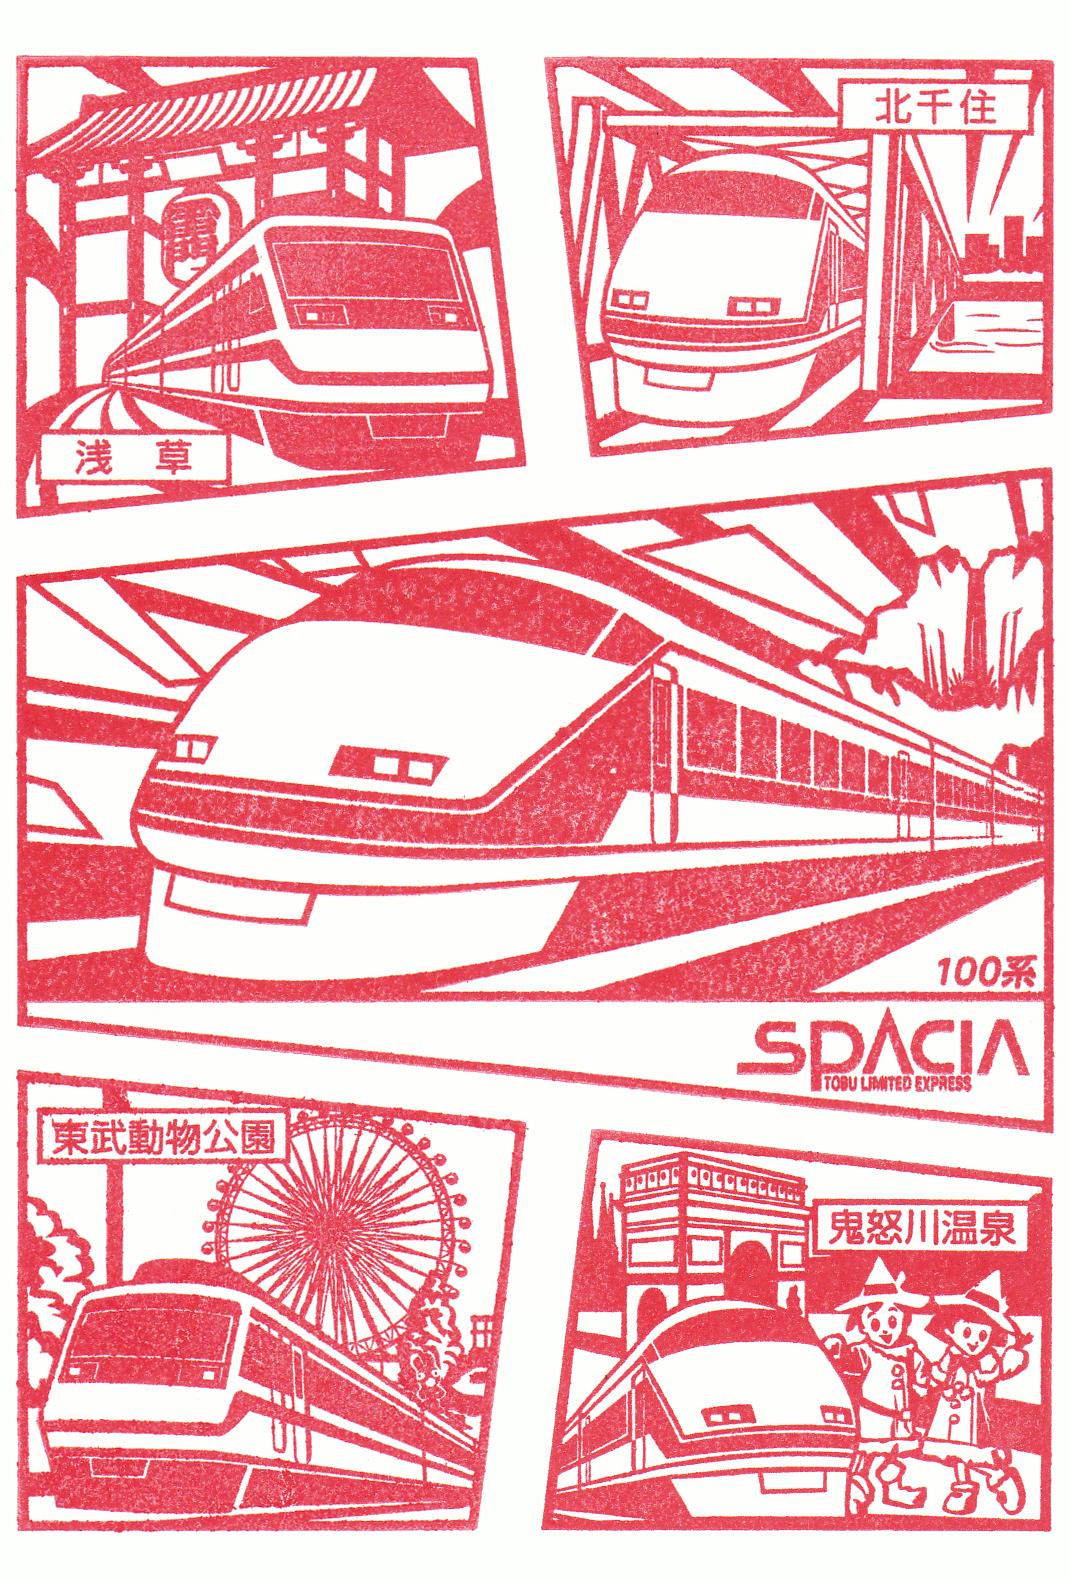 私鉄特急スタンプラリー2010・東武編